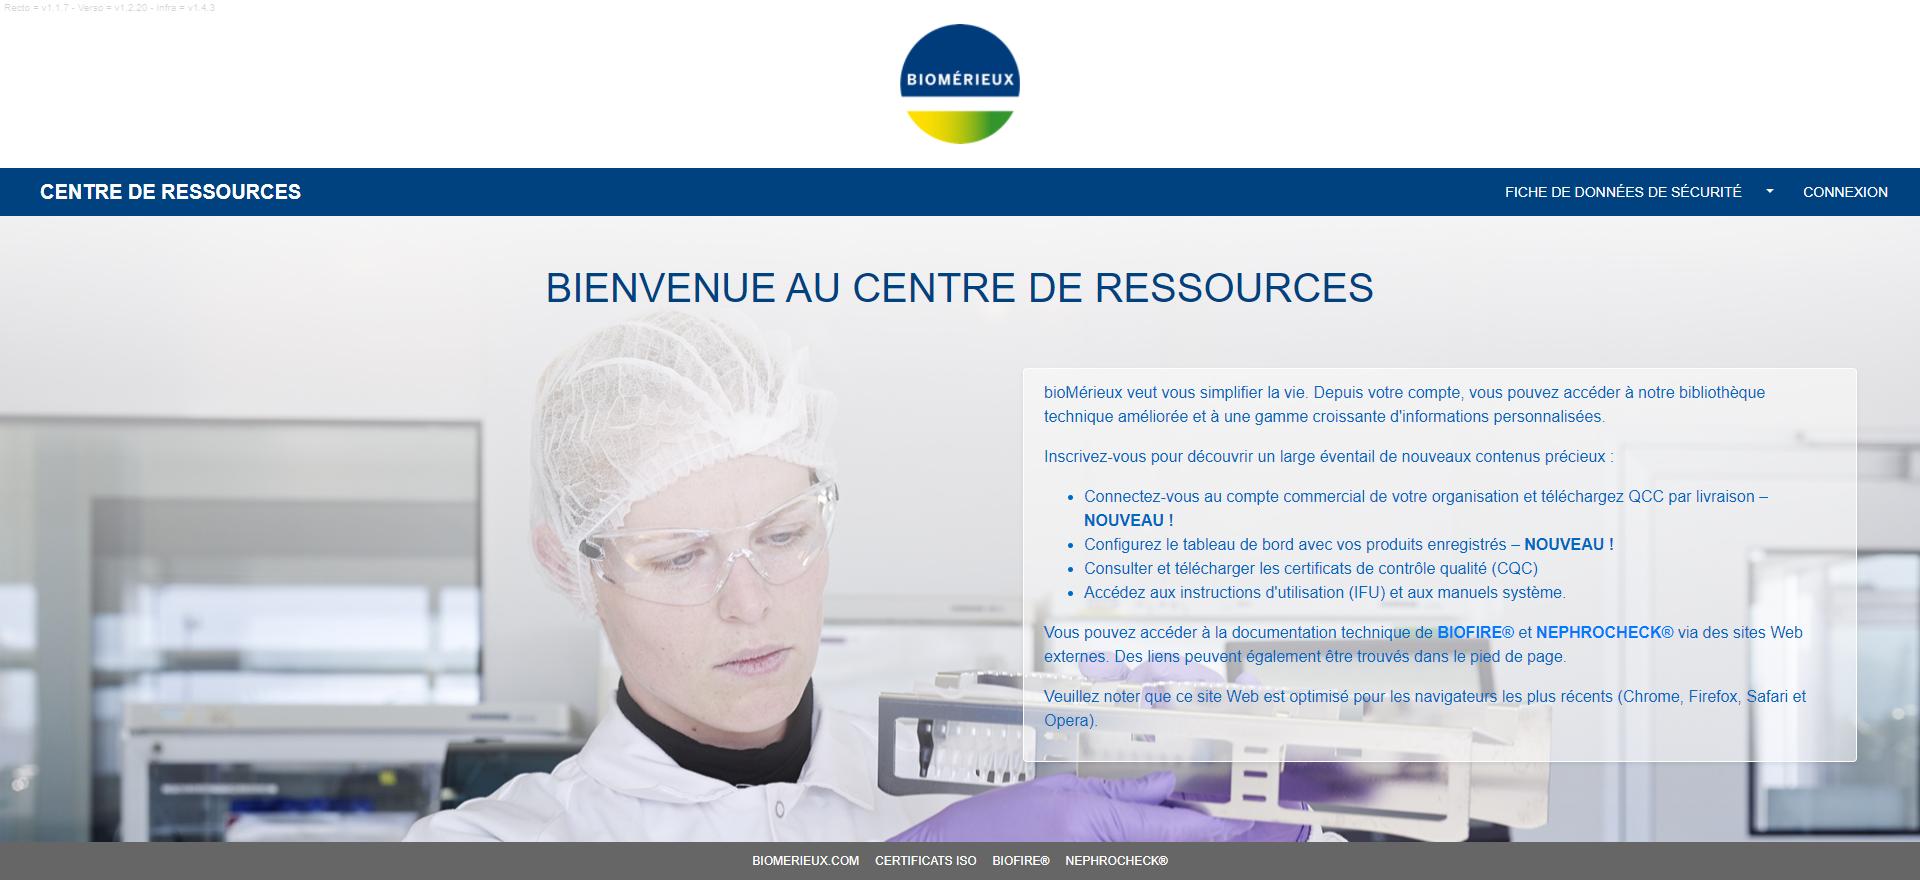 resourcecenter